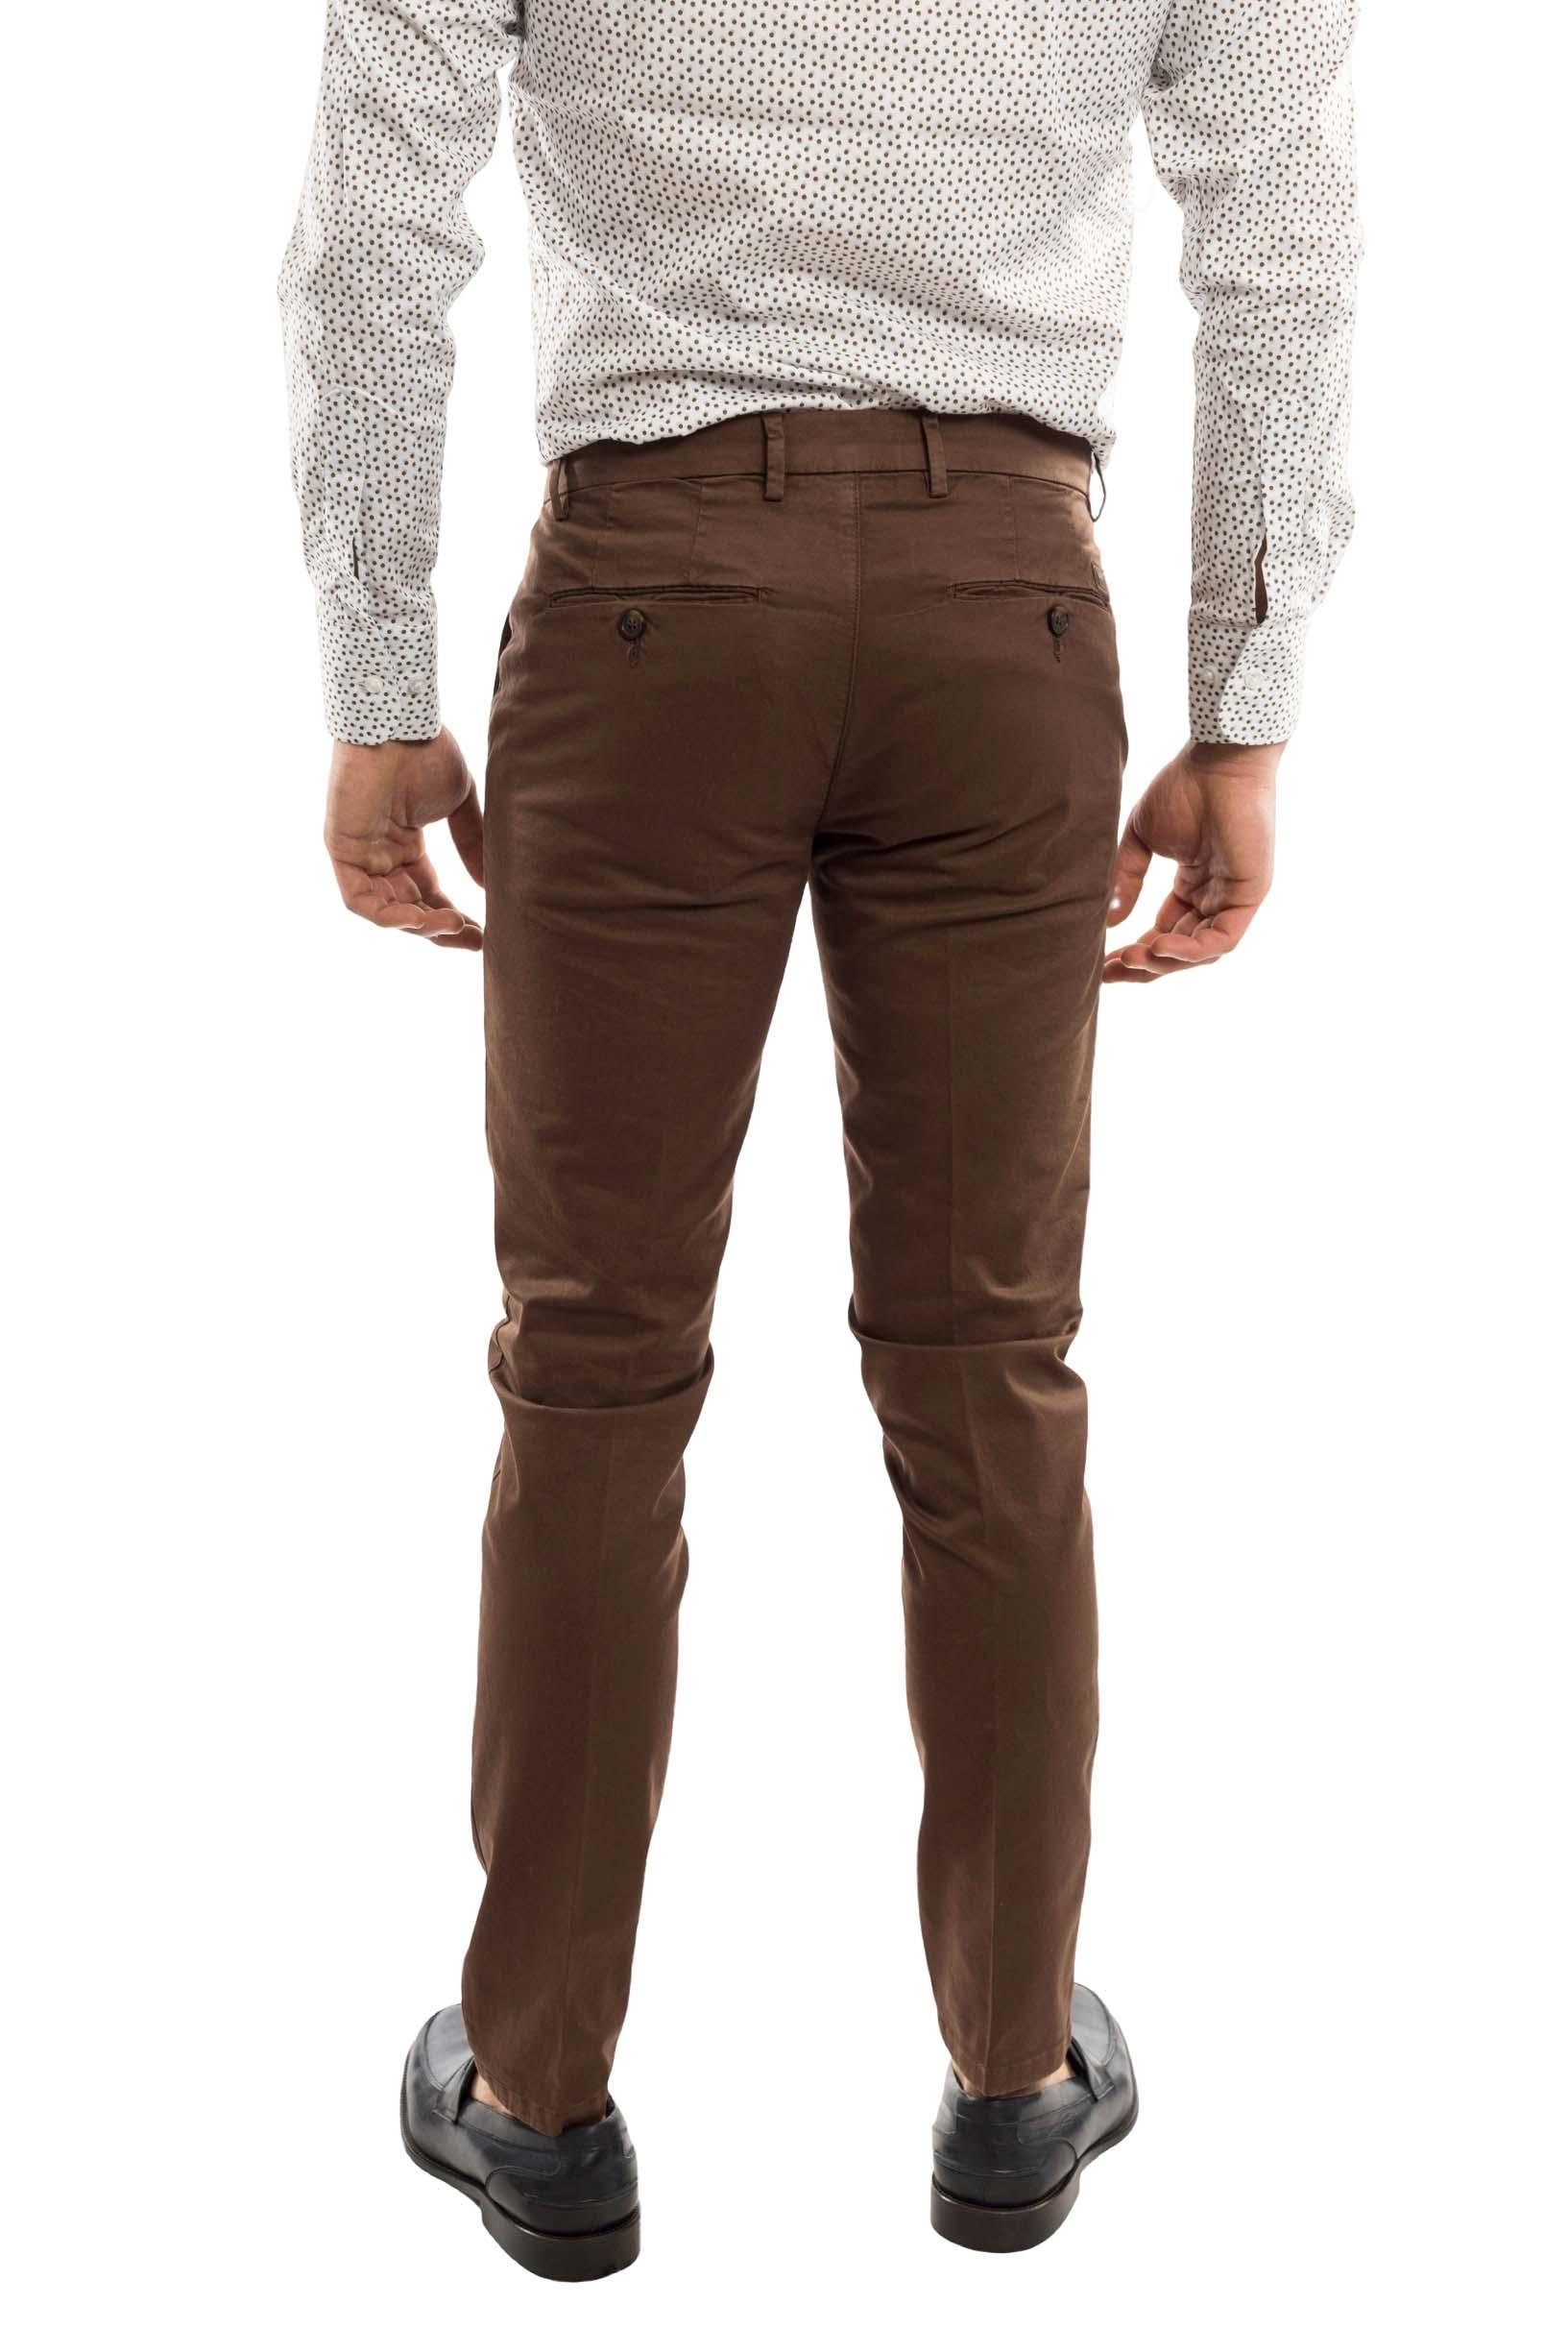 Pantalone slimfit Cotonato - colore Cacao